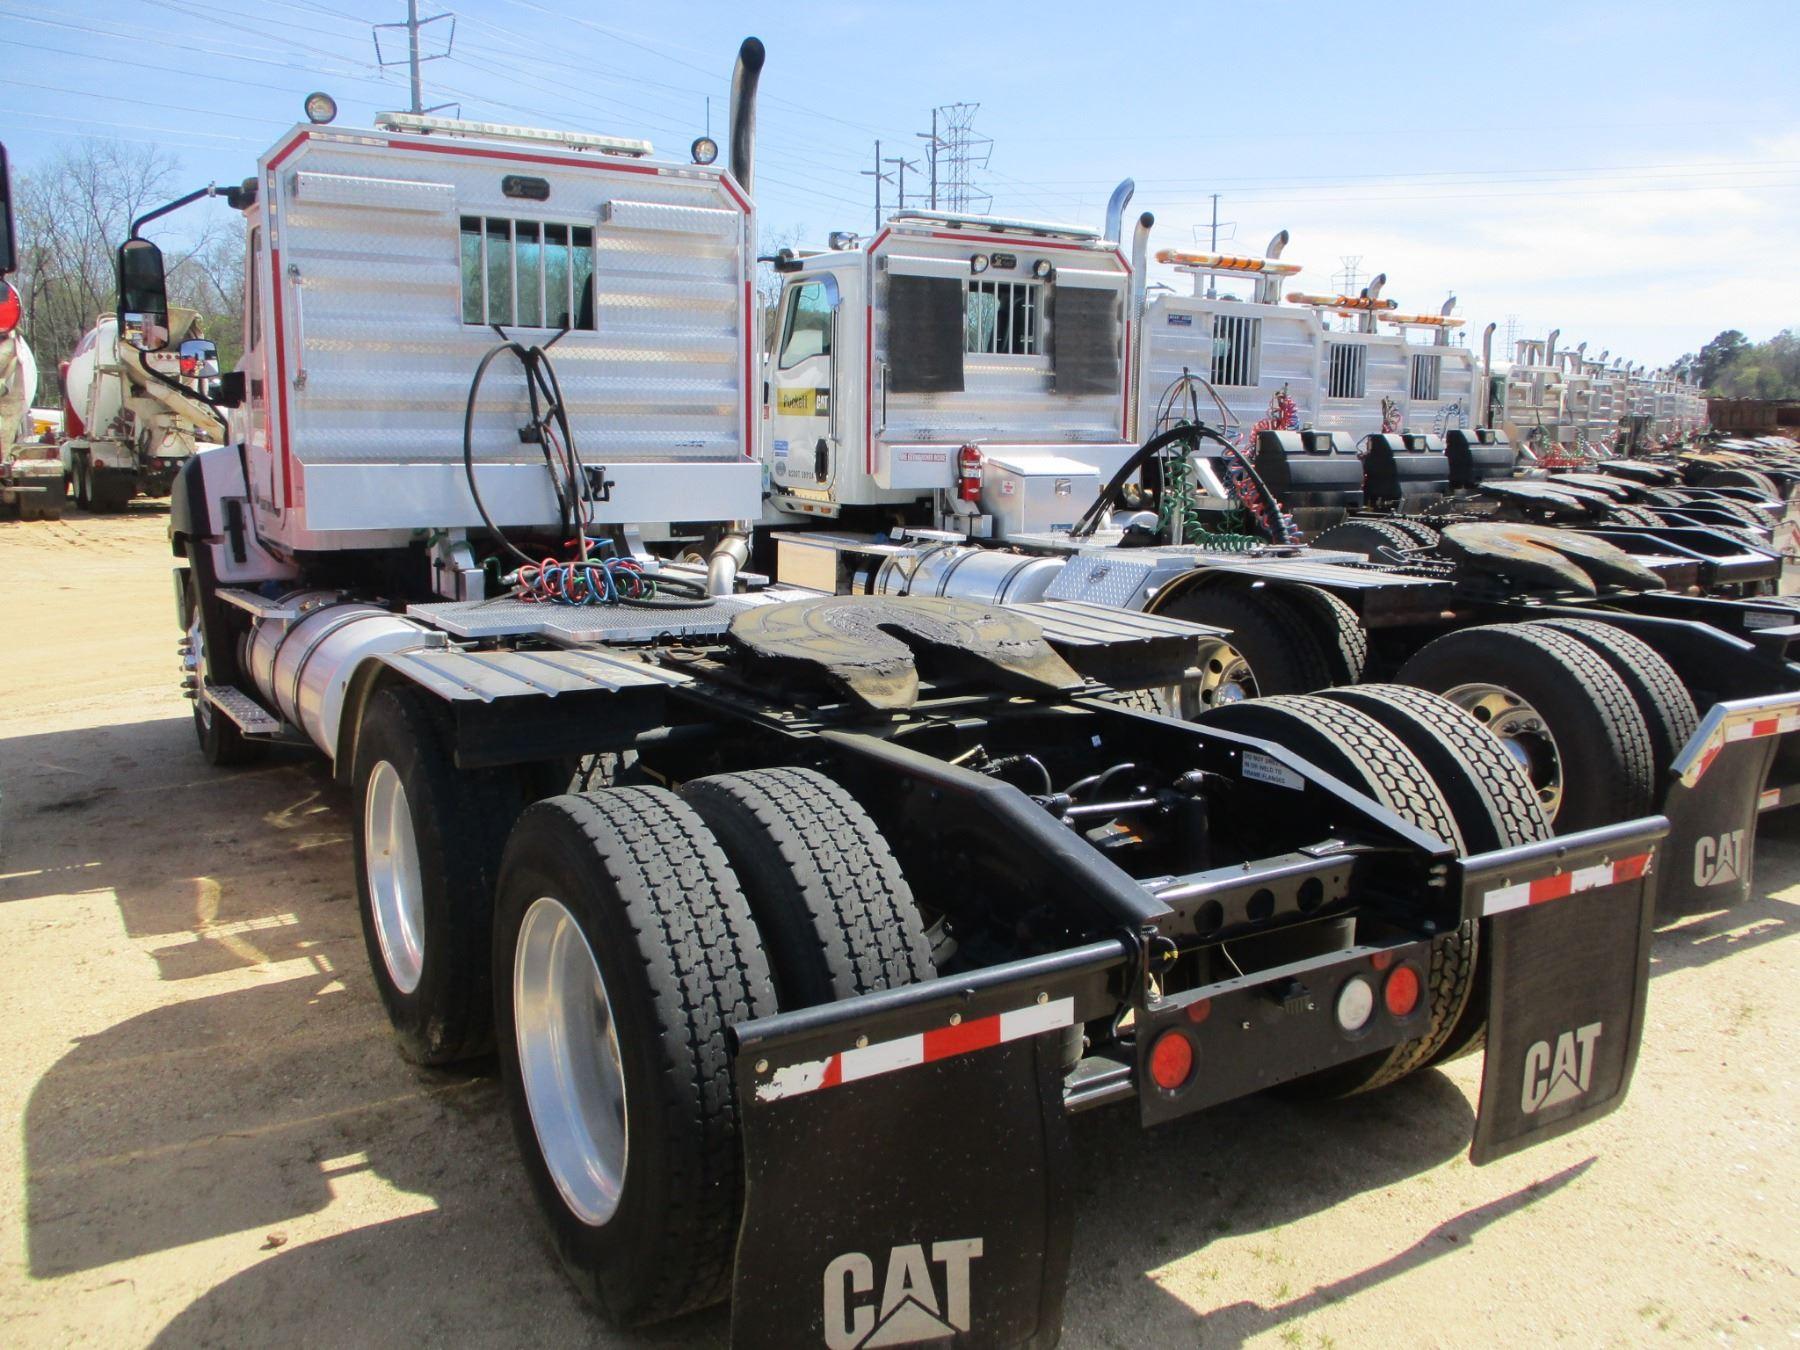 2015 Cat Ct660s Truck Tractor  Vin  Sn 3hsjgtkt1fn528419